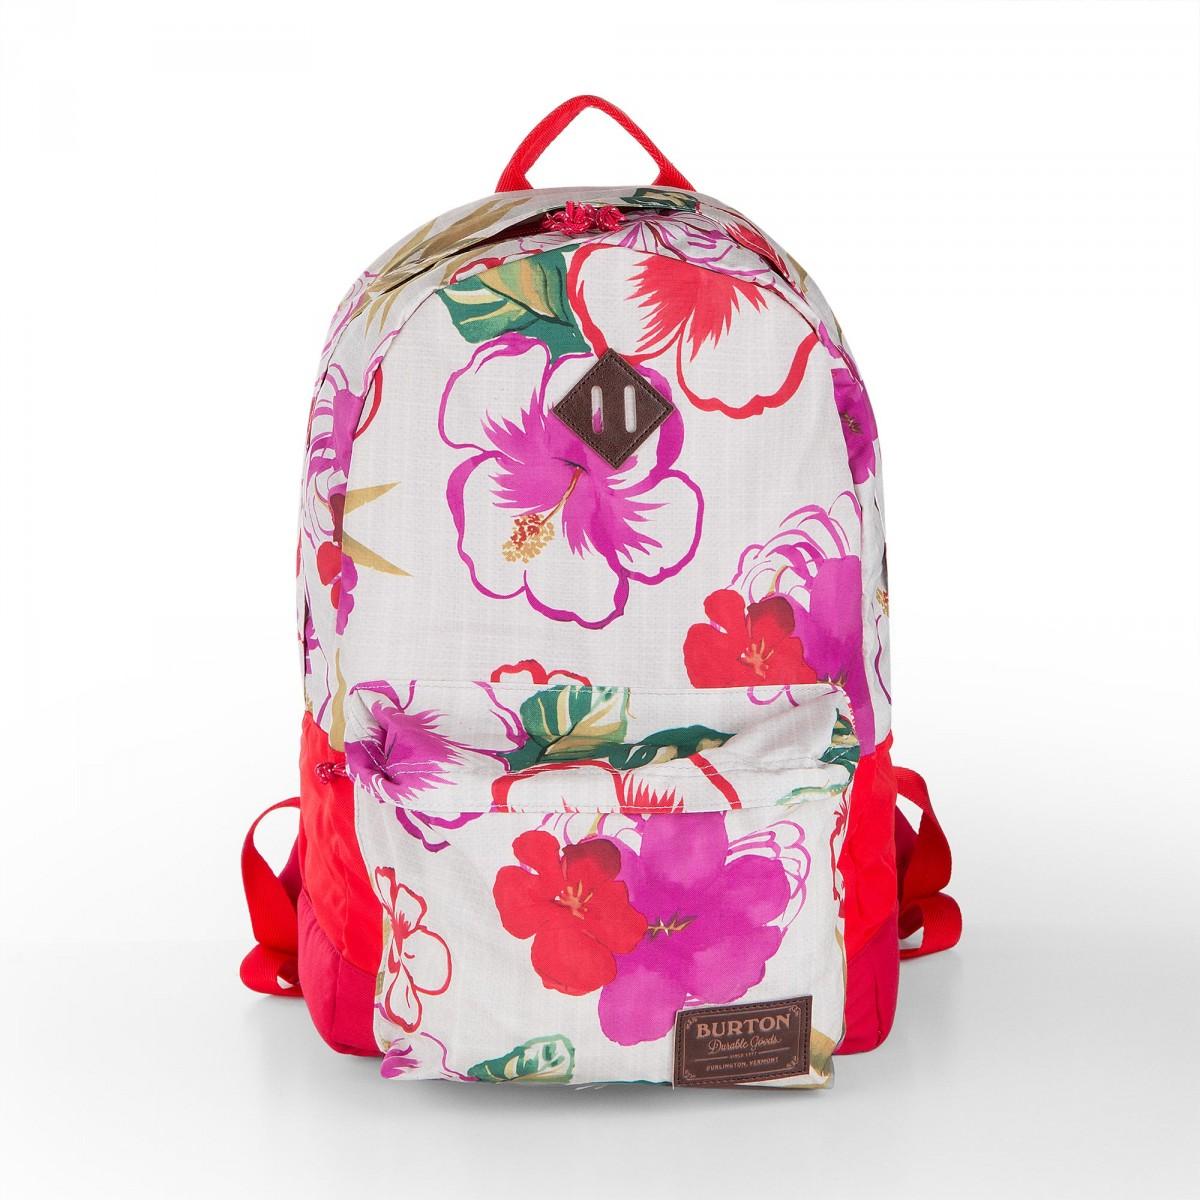 sac dos rouge femme burton prix d griff. Black Bedroom Furniture Sets. Home Design Ideas